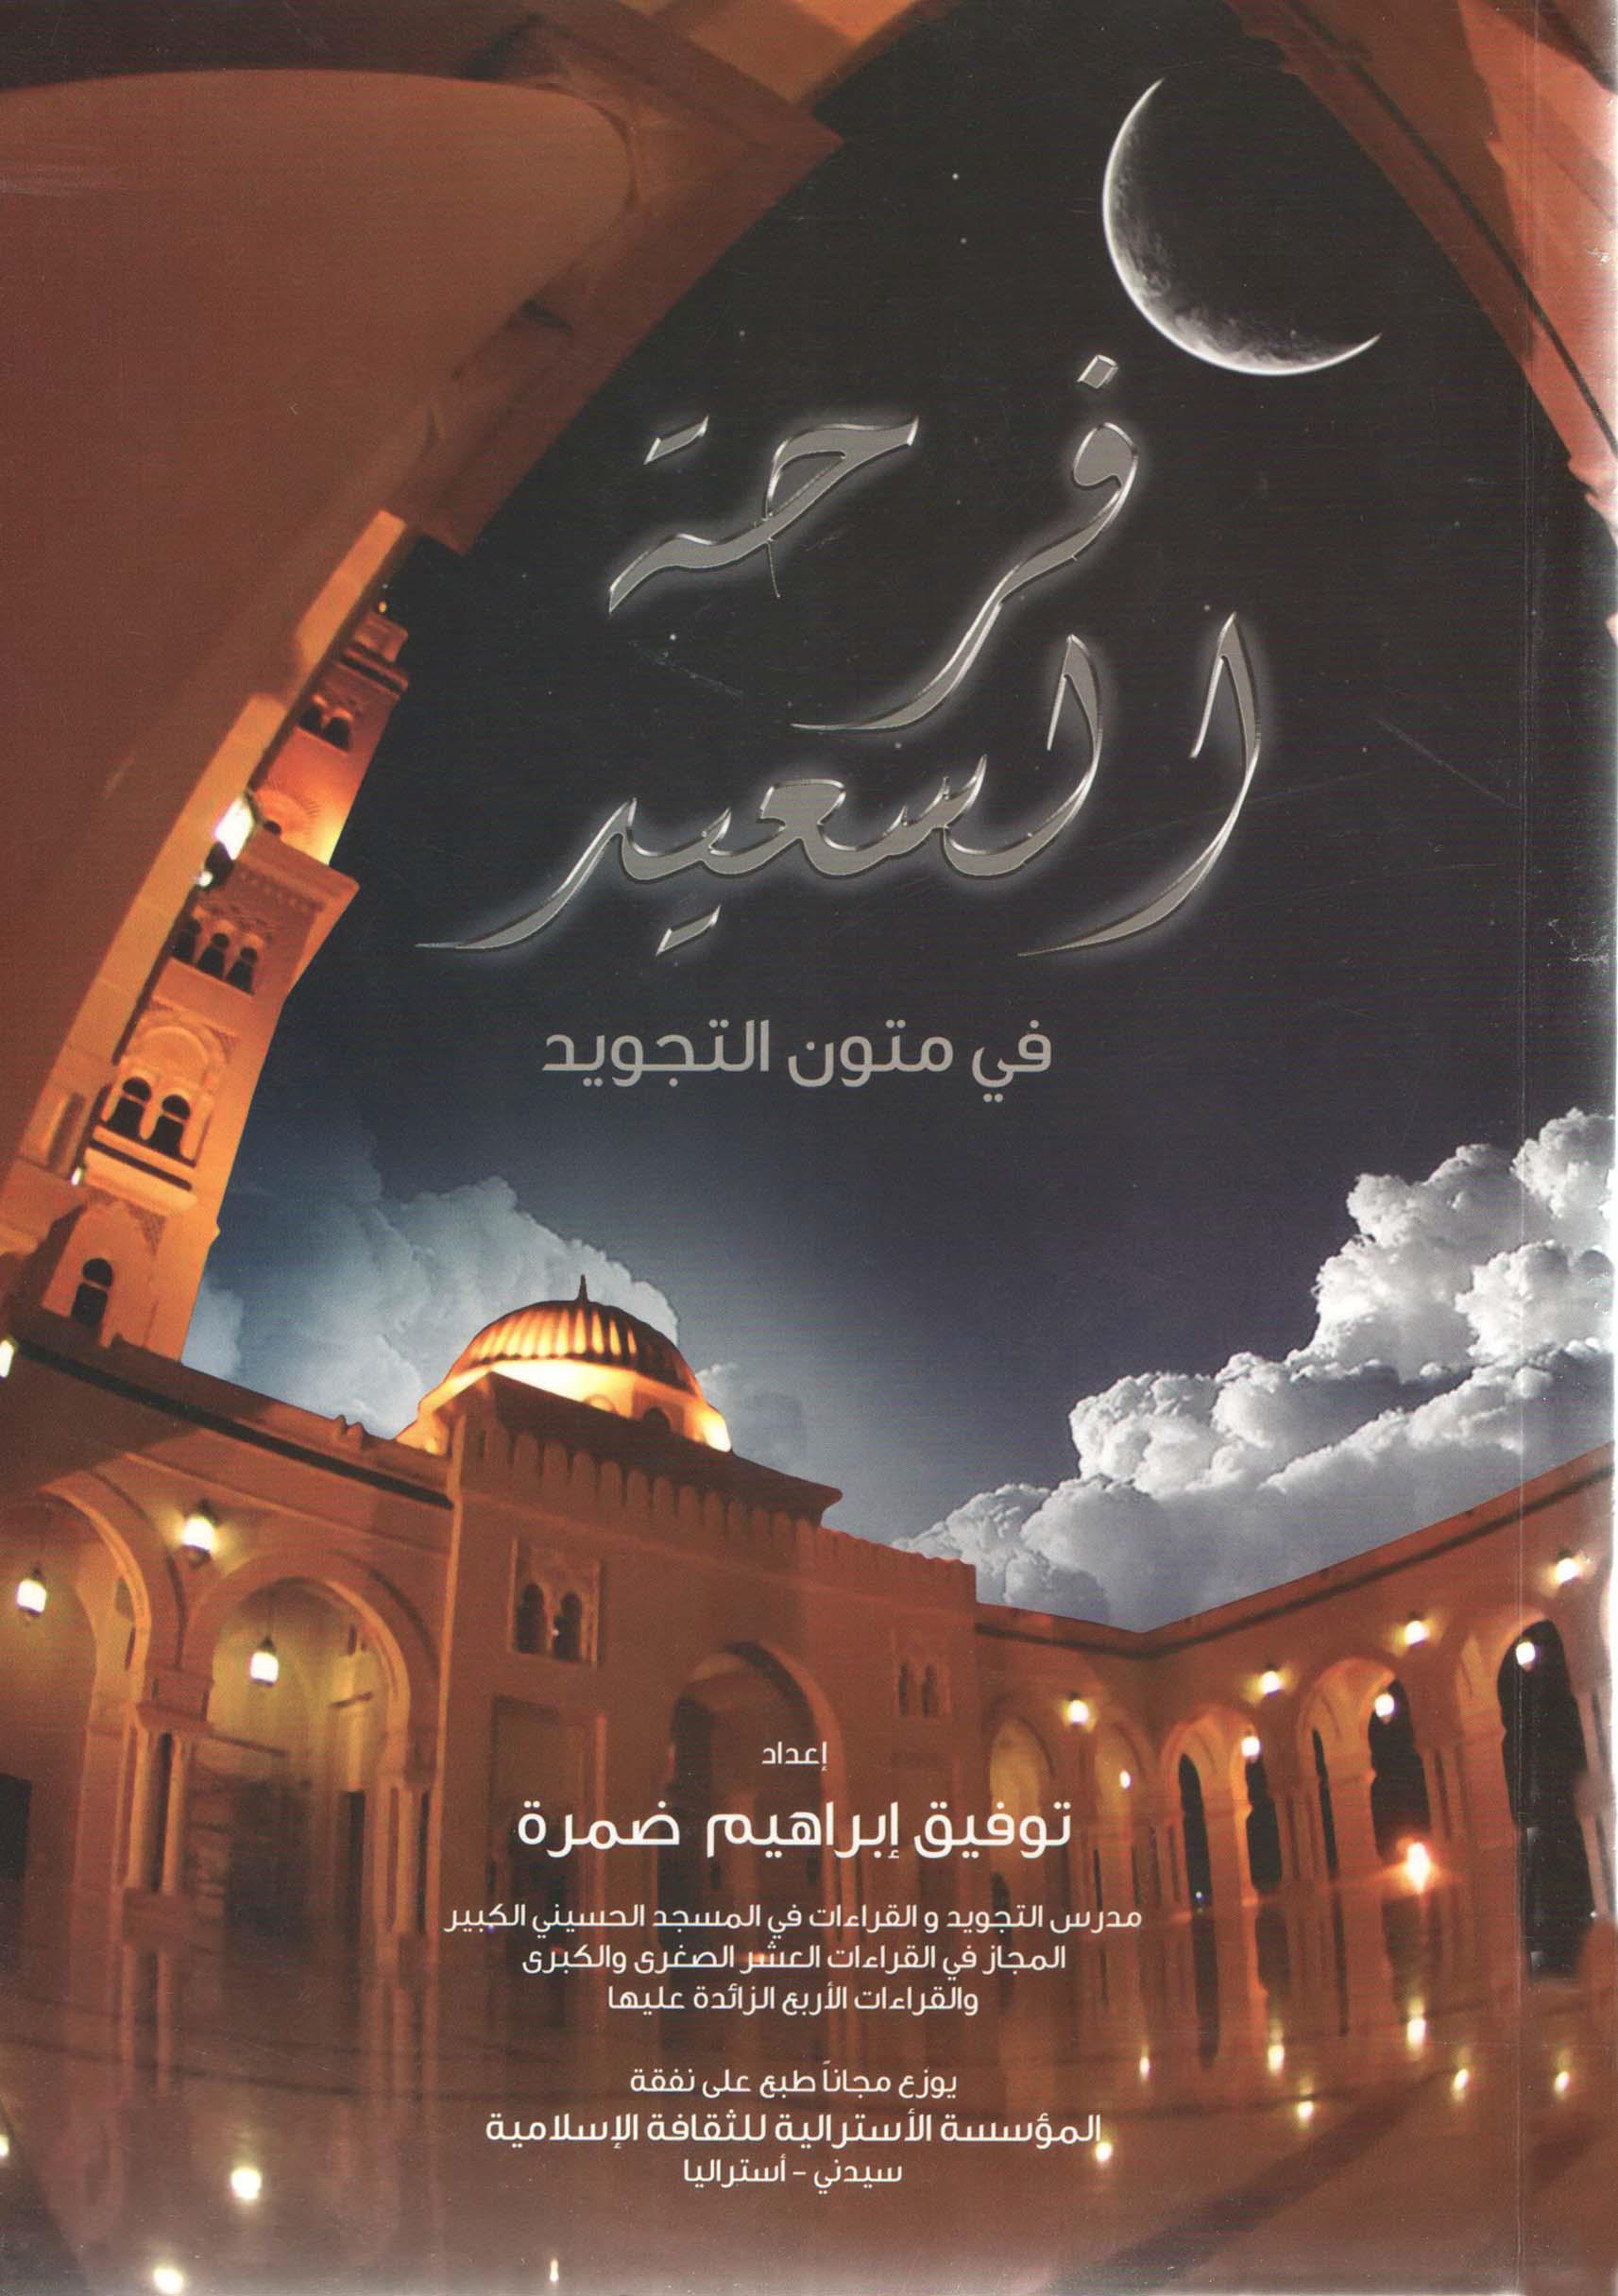 تحميل كتاب فرحة السعيد في متون التجويد لـِ: الشيخ توفيق إبراهيم أحمد ضمرة